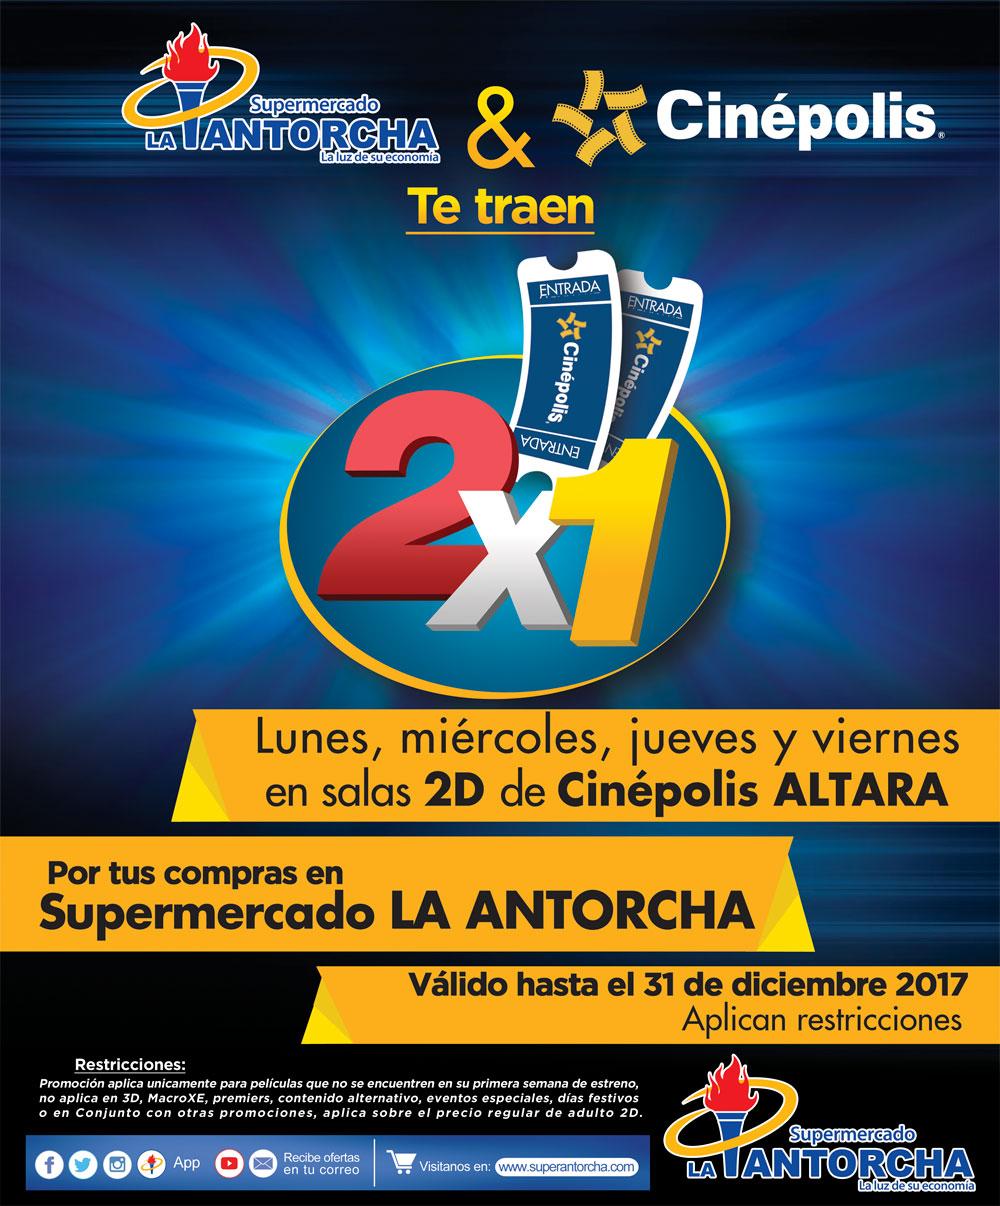 Supermercado Antorcha y Cinepolis te traen el 2×1